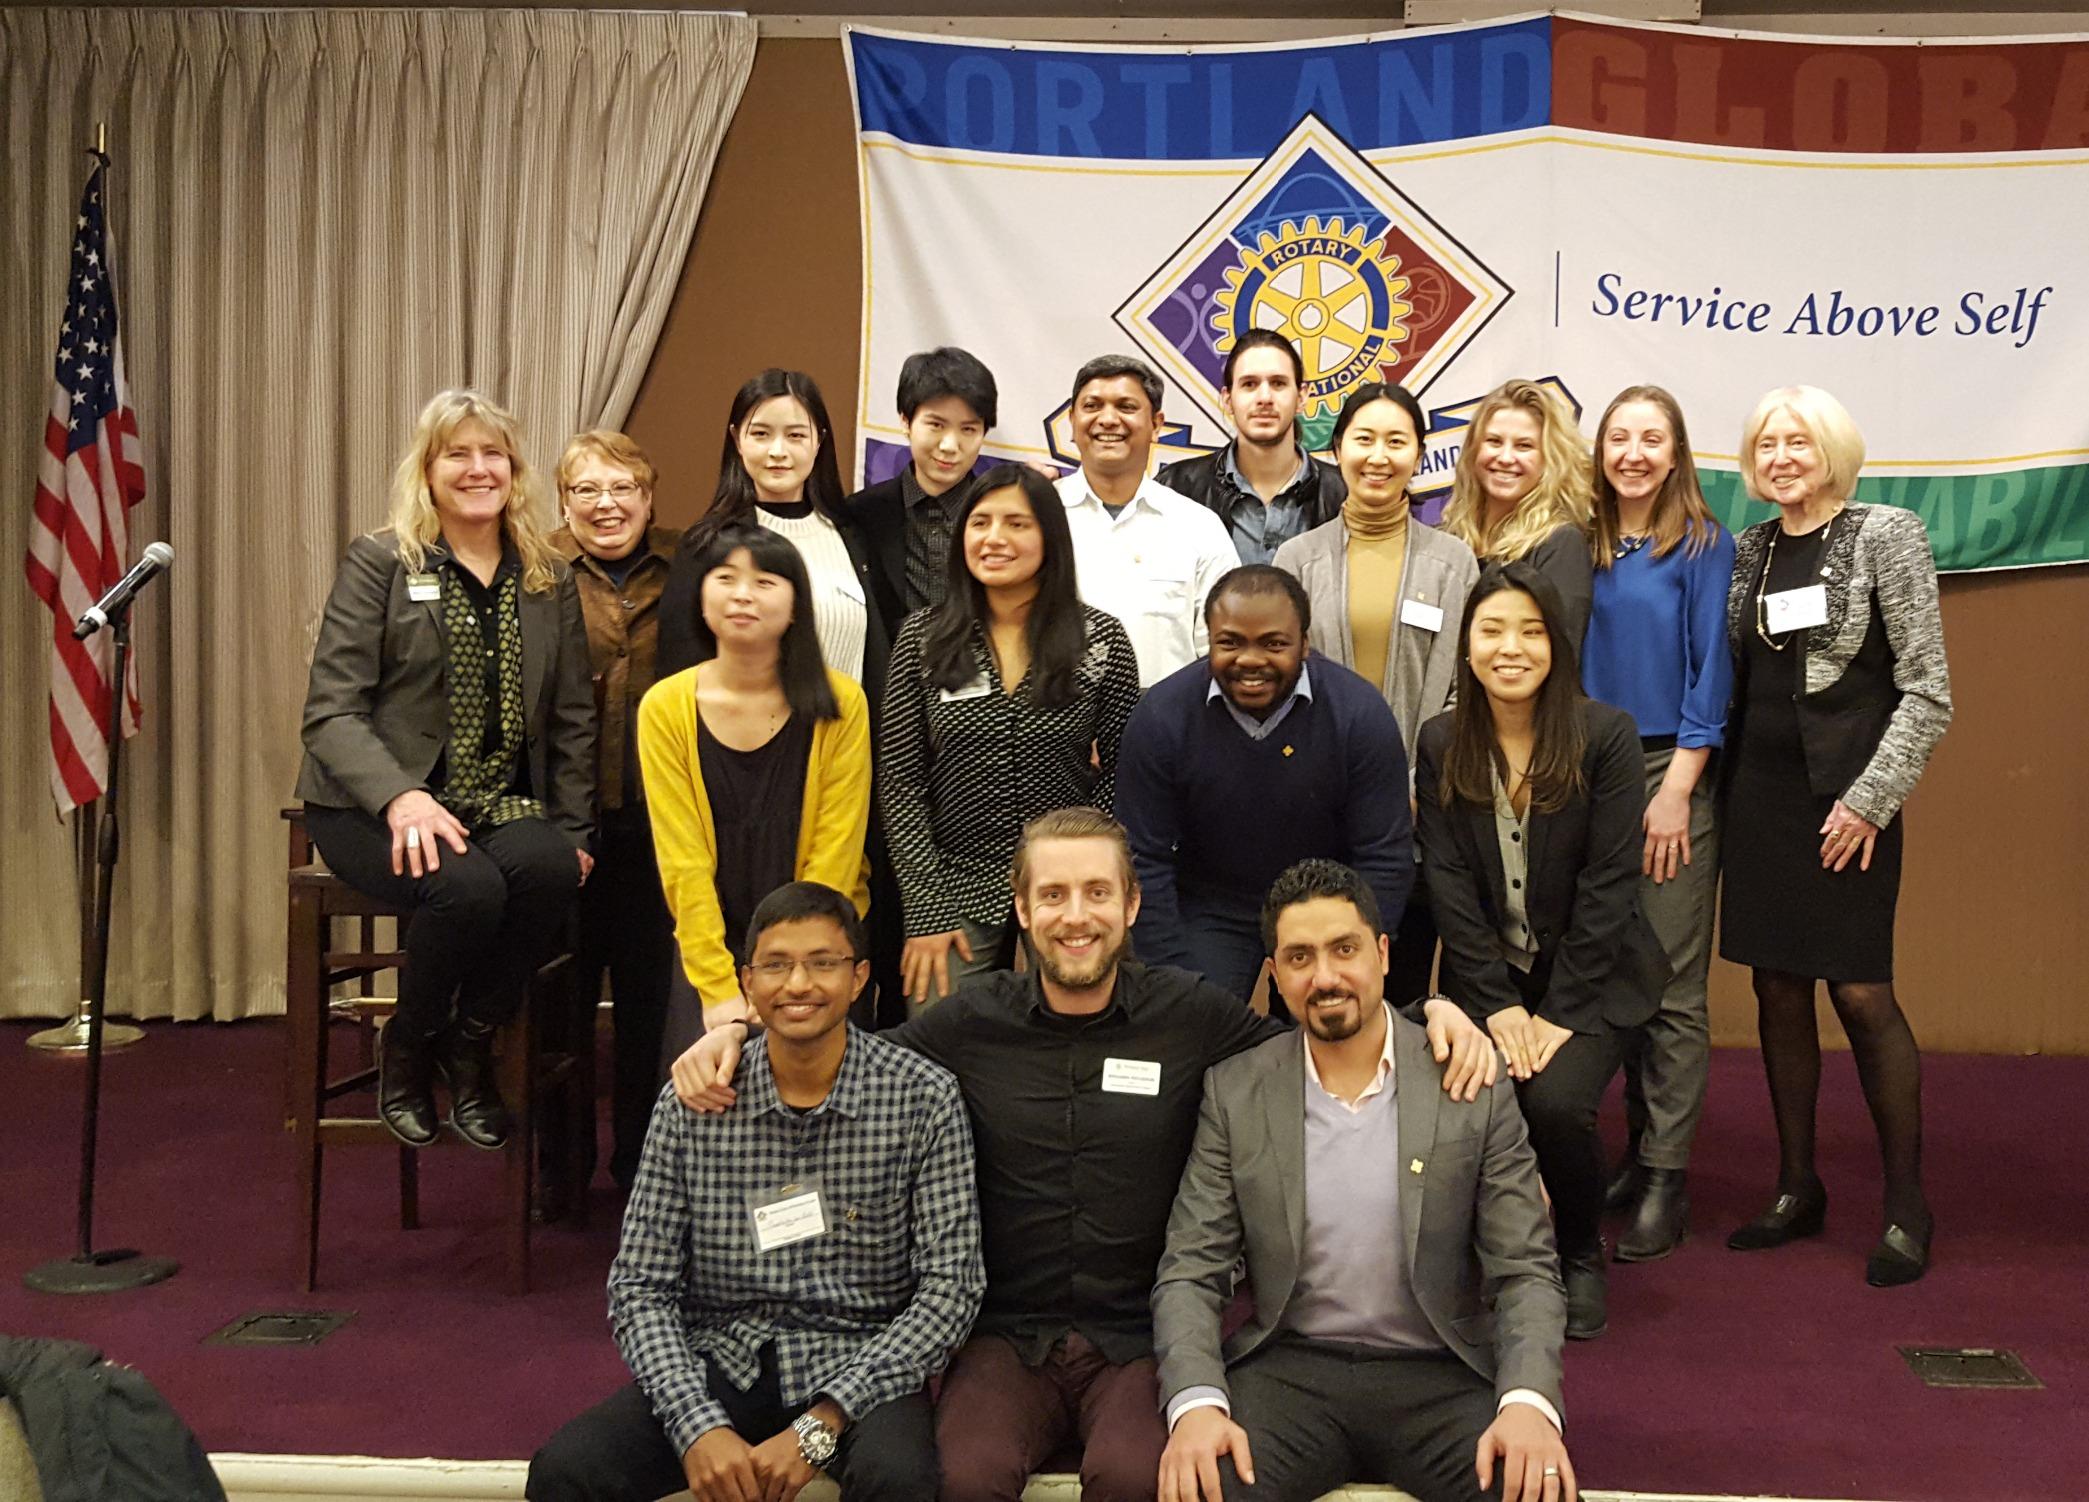 Portland Rotary Club Luncheon